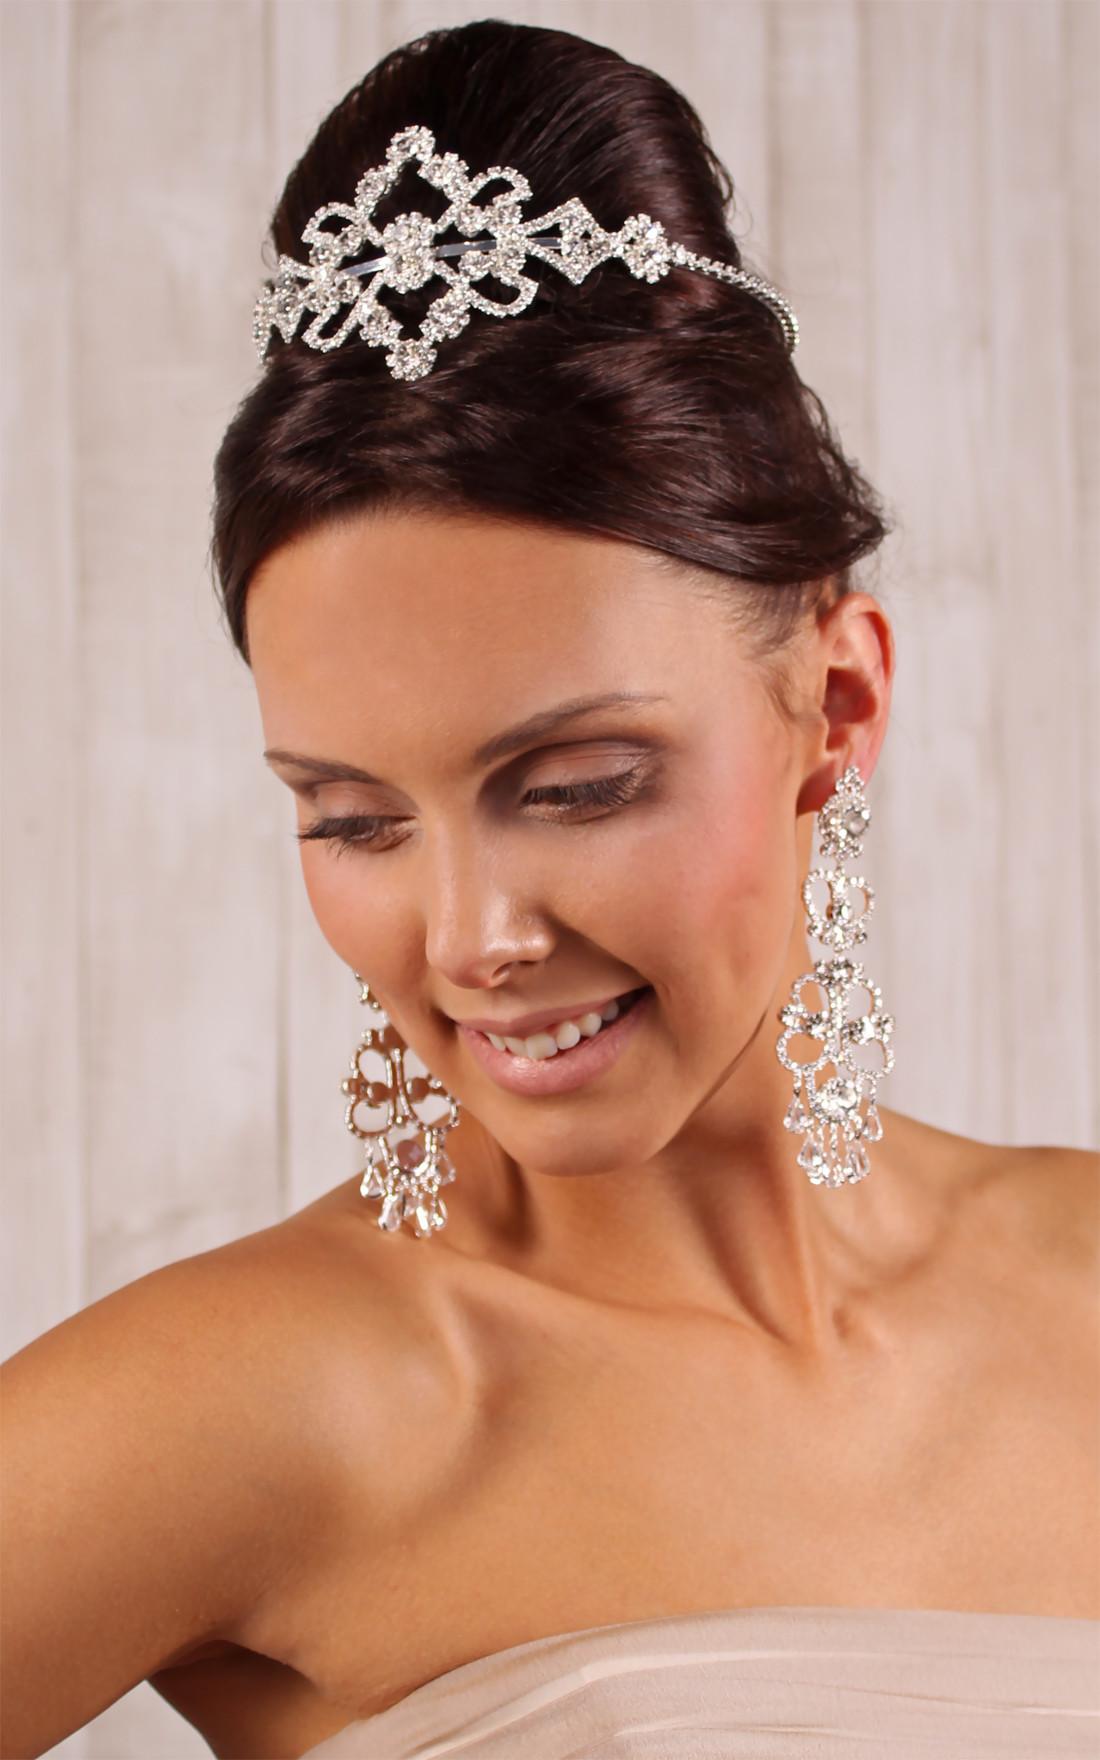 Diadem Hochzeit  Kleiderfreuden Brautmode online bestellen Großes Braut